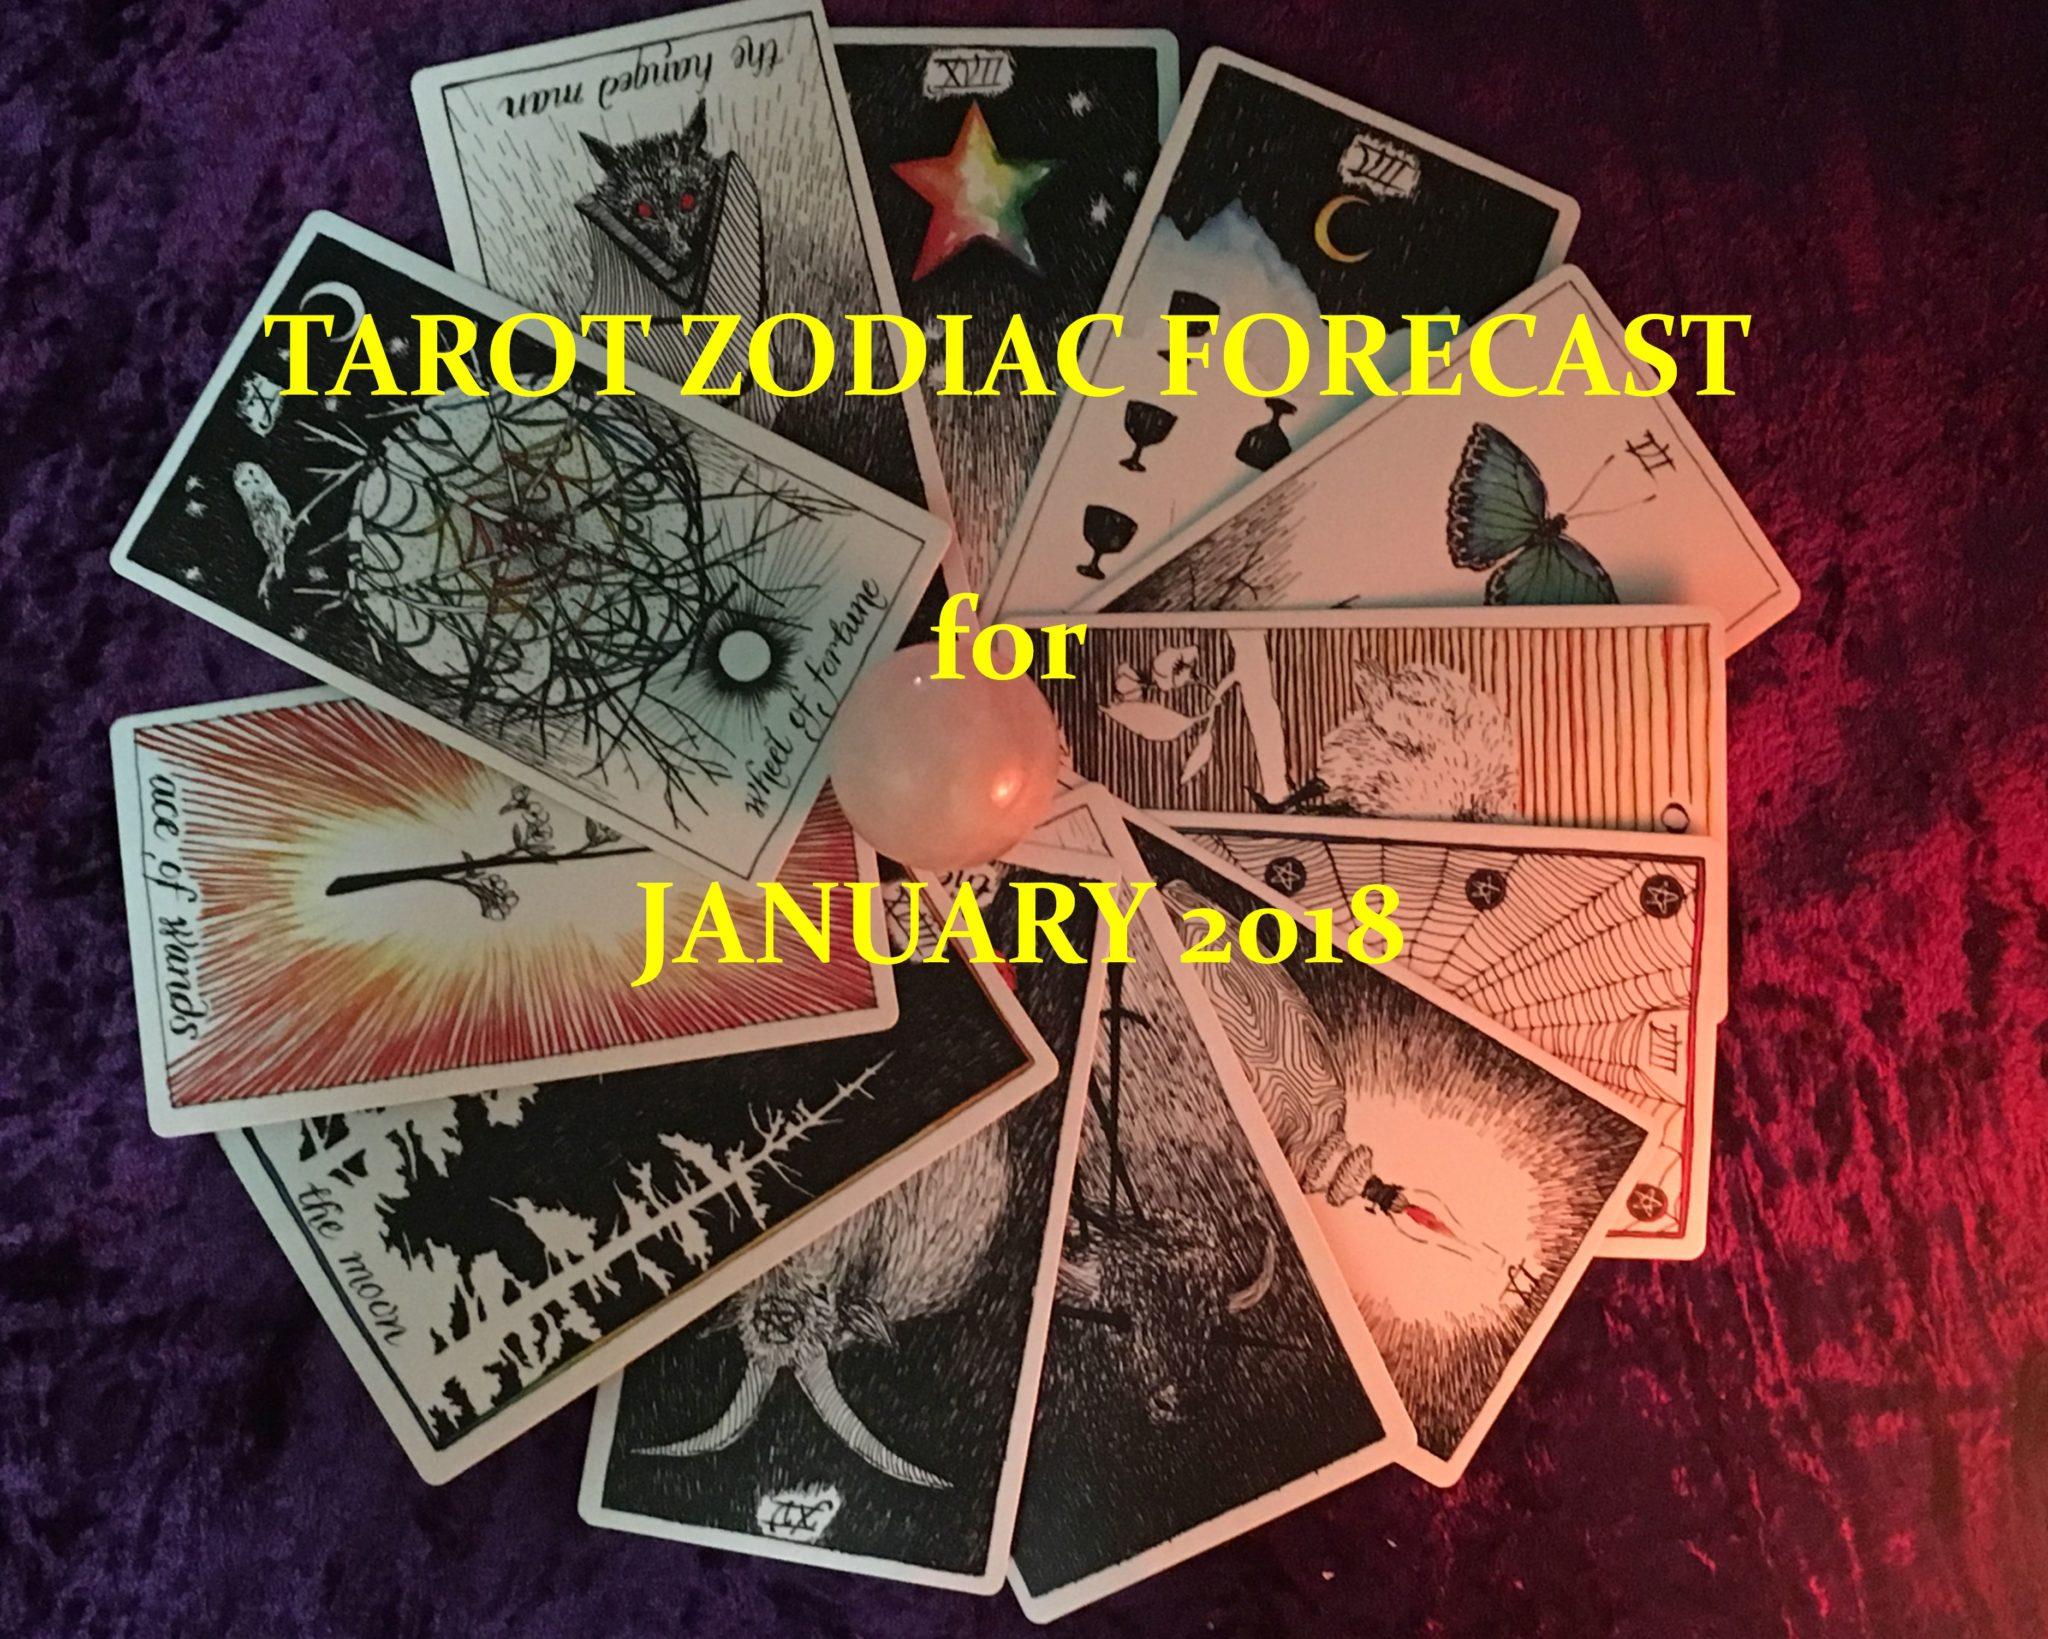 Your Tarot Zodiac Forecast for JANUARY 2018